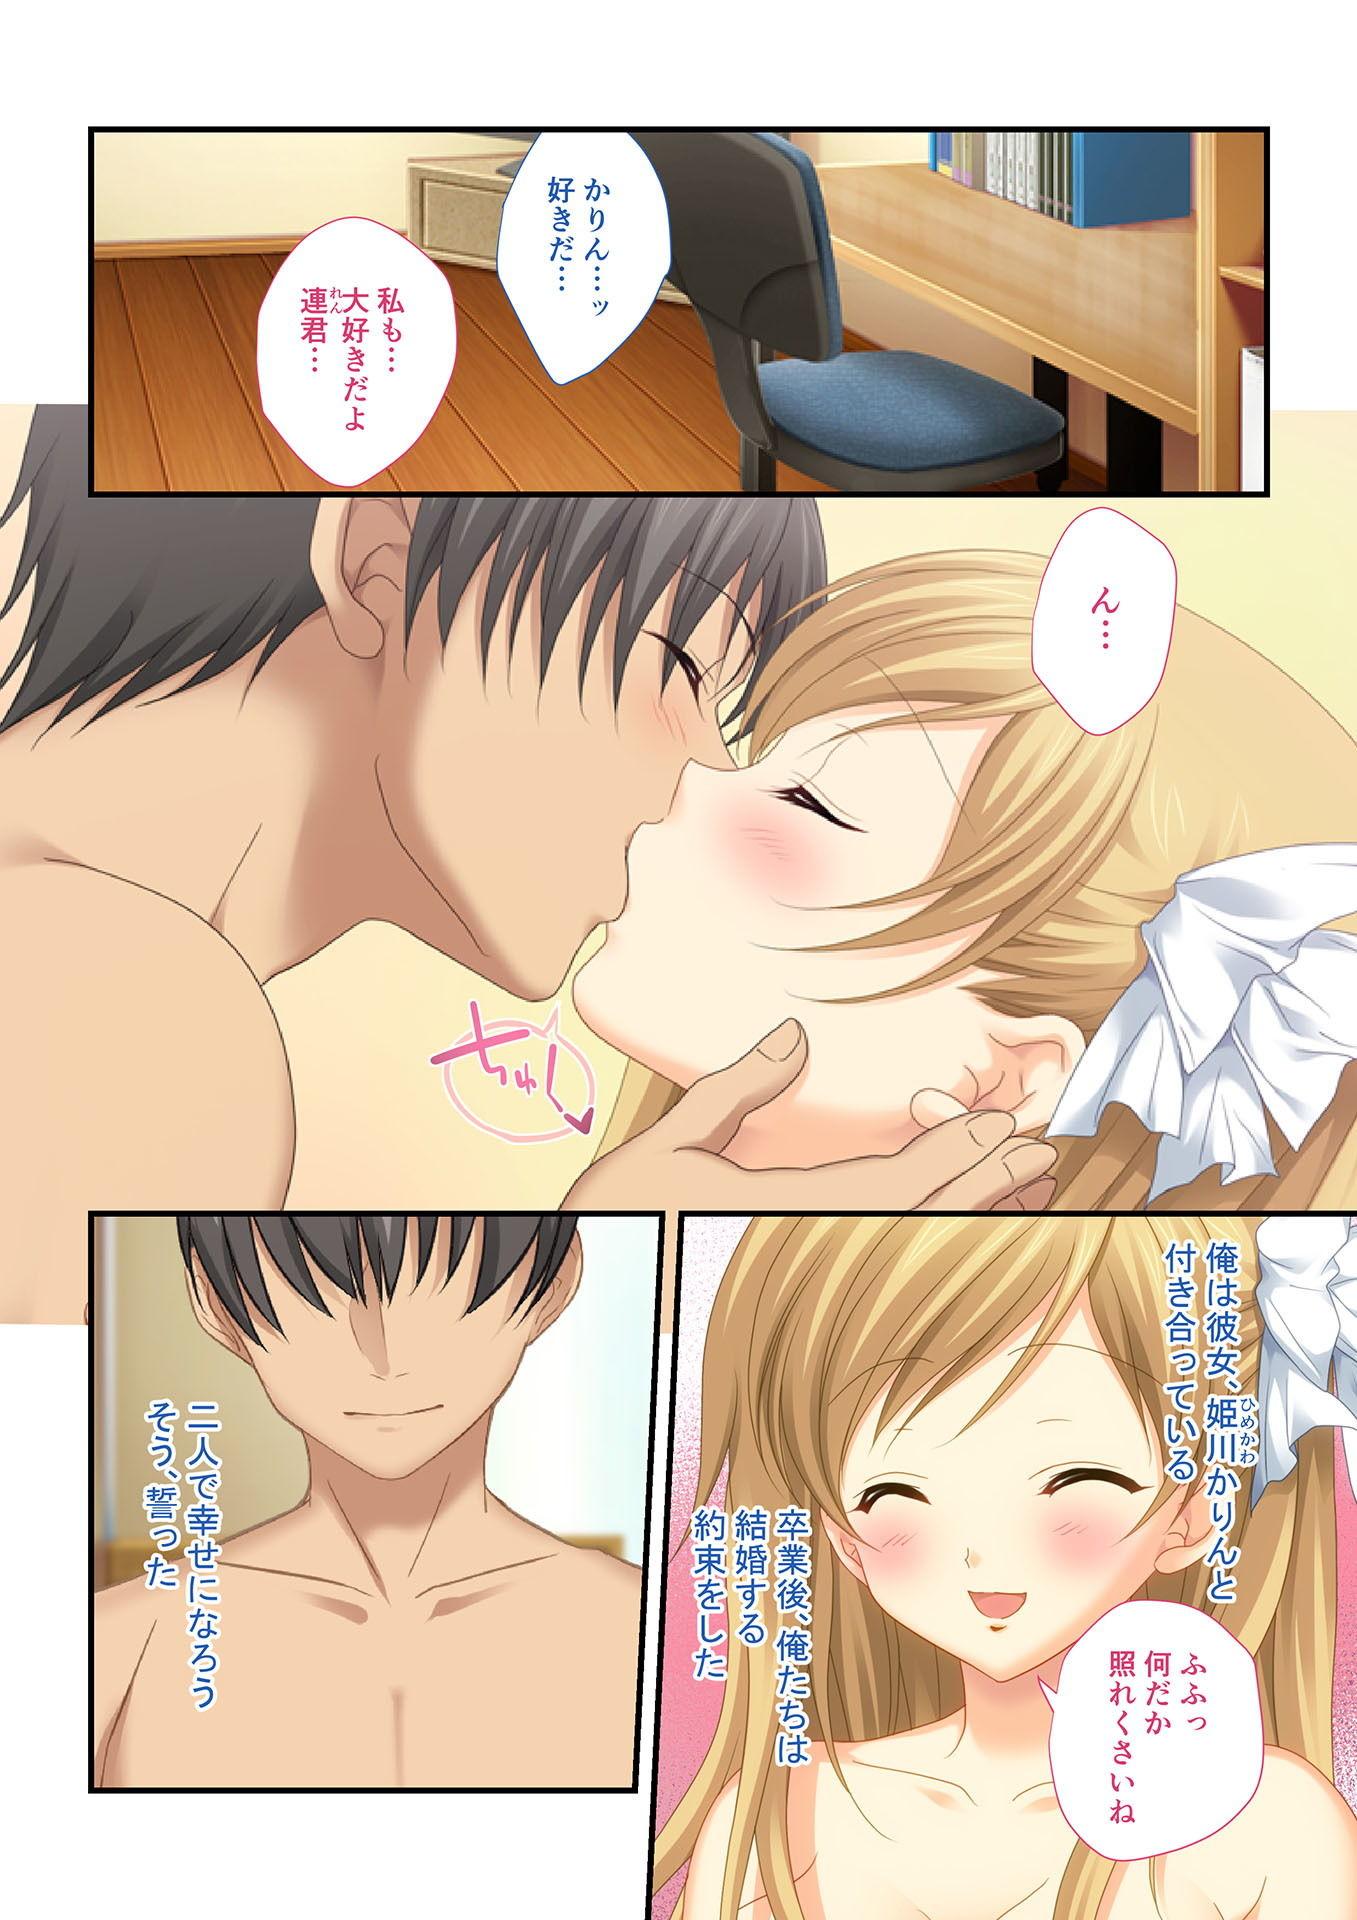 【どろっぷす! 同人】【フルカラー】背徳の浮気SEX(3)寝取られカノジョ…純情処女JKを強制NTR